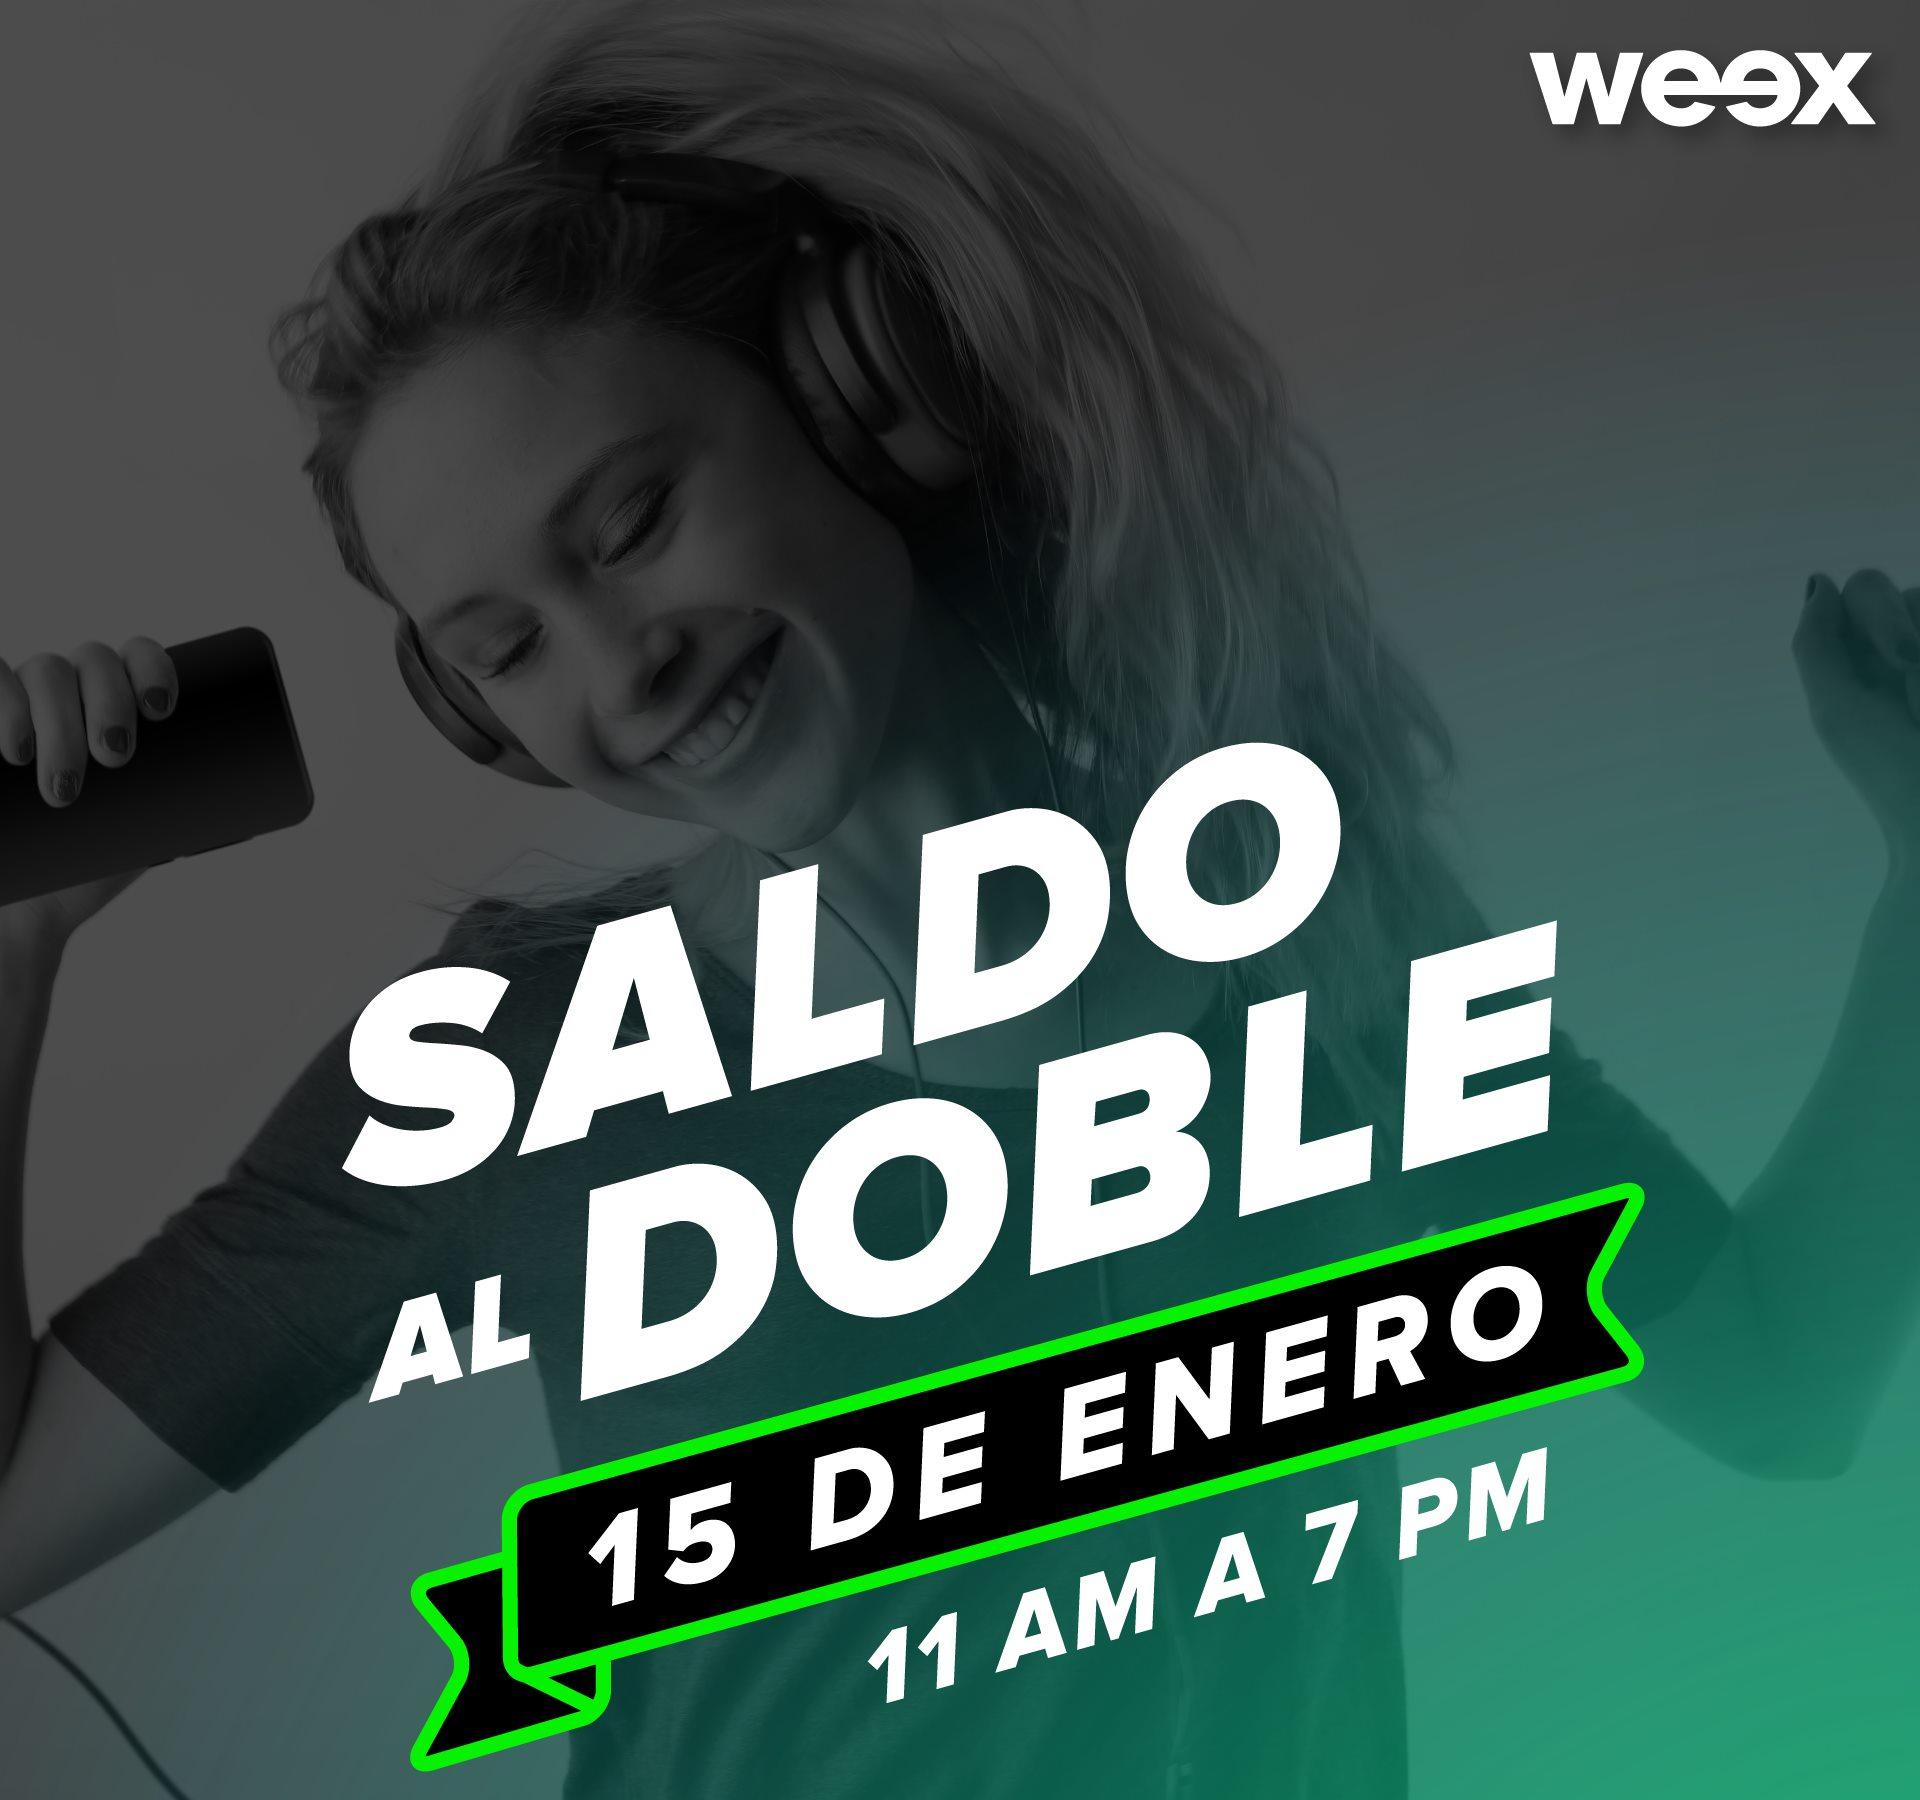 Weex mobile: HOY Saldo al doble de las 11 am a las 7 pm